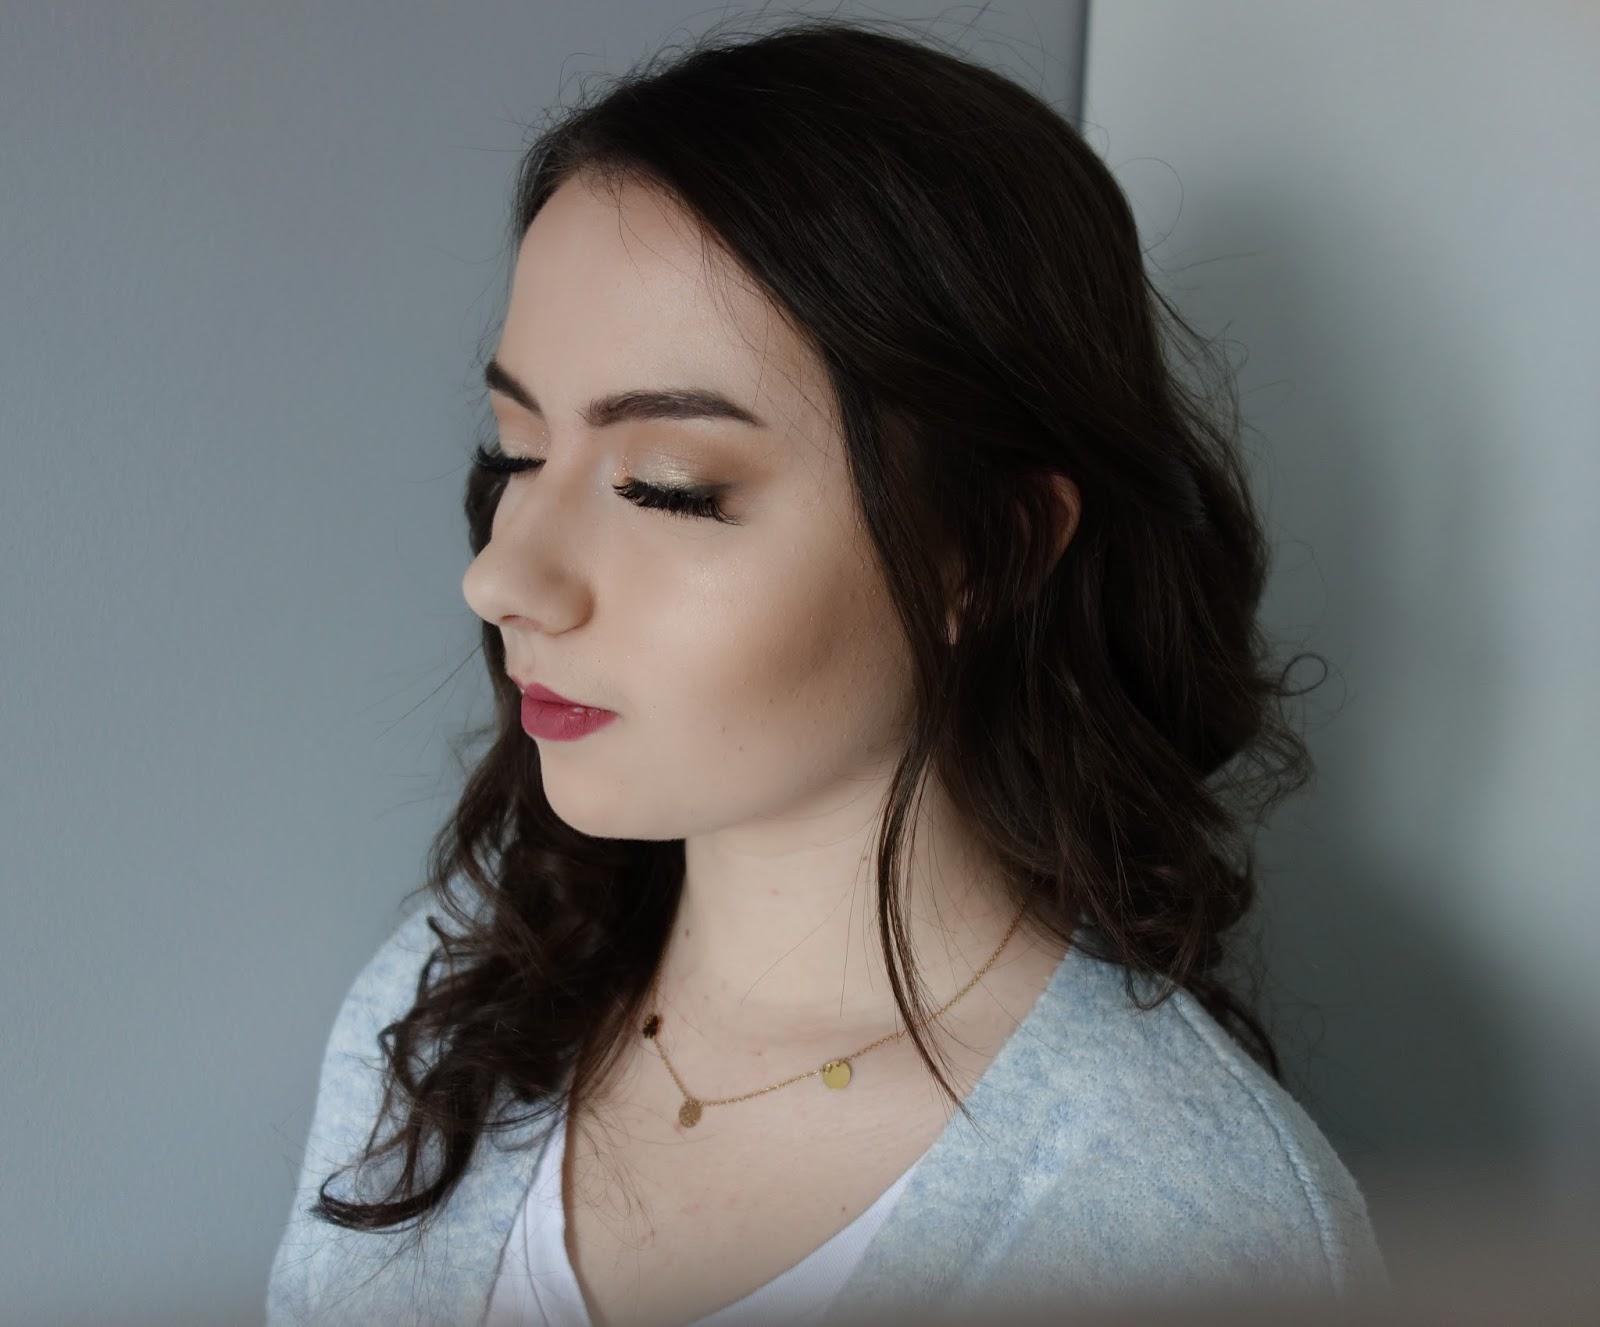 Gloooowy skin | makijaż na modelce ZUZA